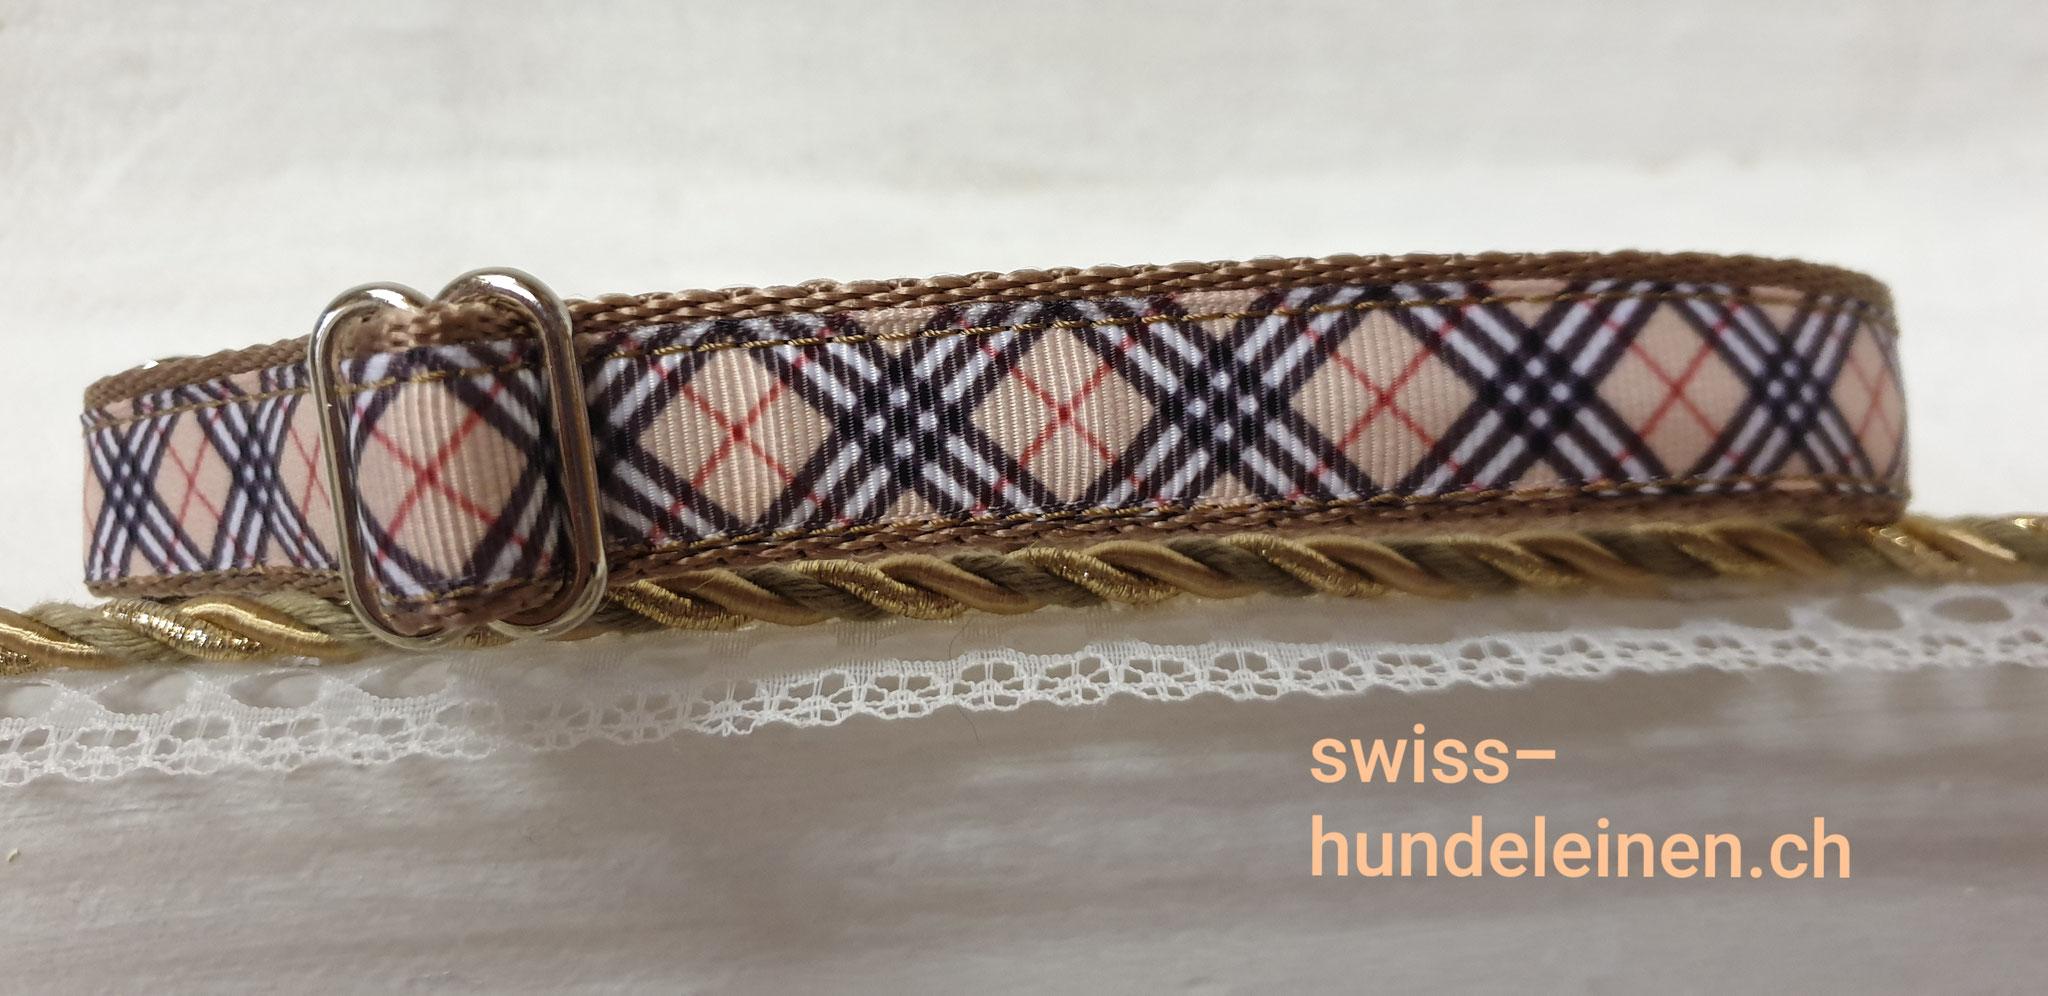 Swiss-Hundeleinen, Handgefertigt in eigenr kleiner Manufaktur, keine verwendung von Plastik/Kunststoff Schnallen,Hundesport, Hundetraining, nicht gepolstert somit saugt es sich nicht mit Wasser voll, ideal für Hunde die viel im Wasser sind,